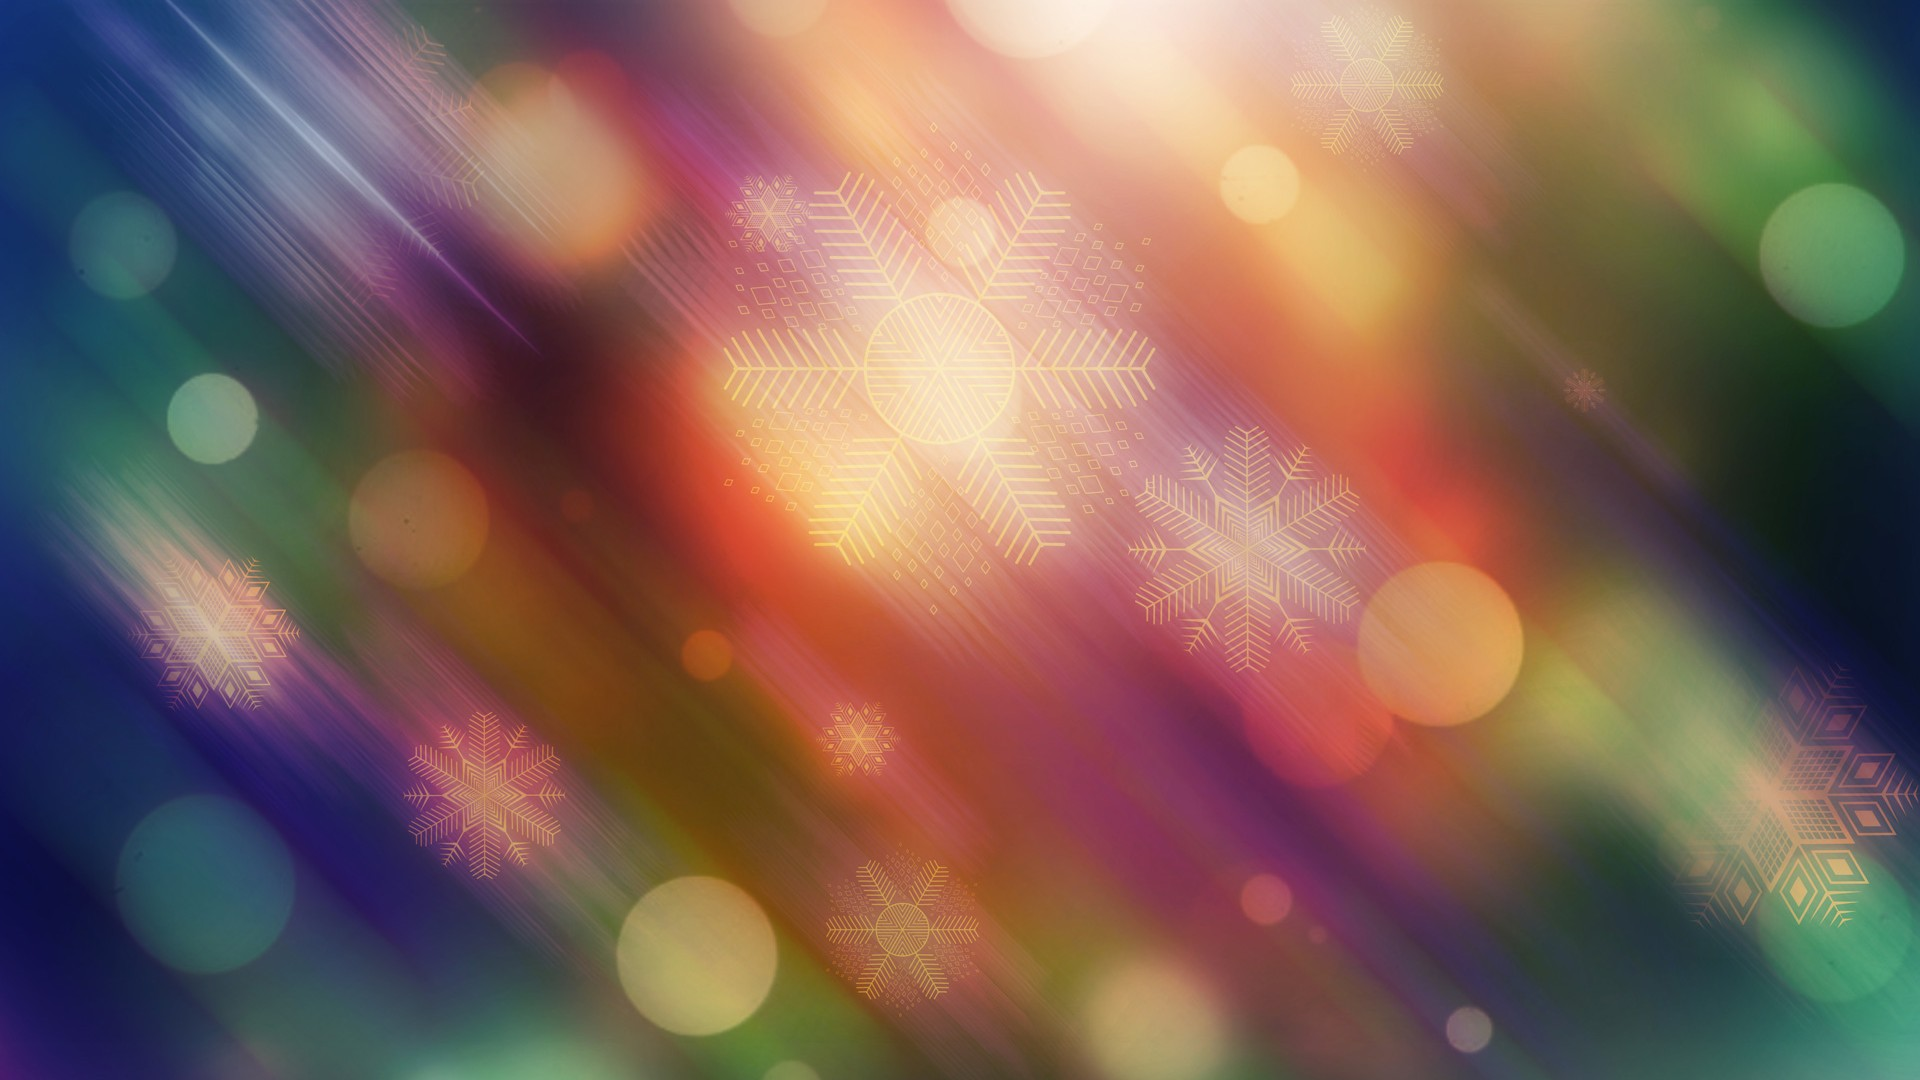 christmas winter hd lights 1920x1080 1080p wallpaper